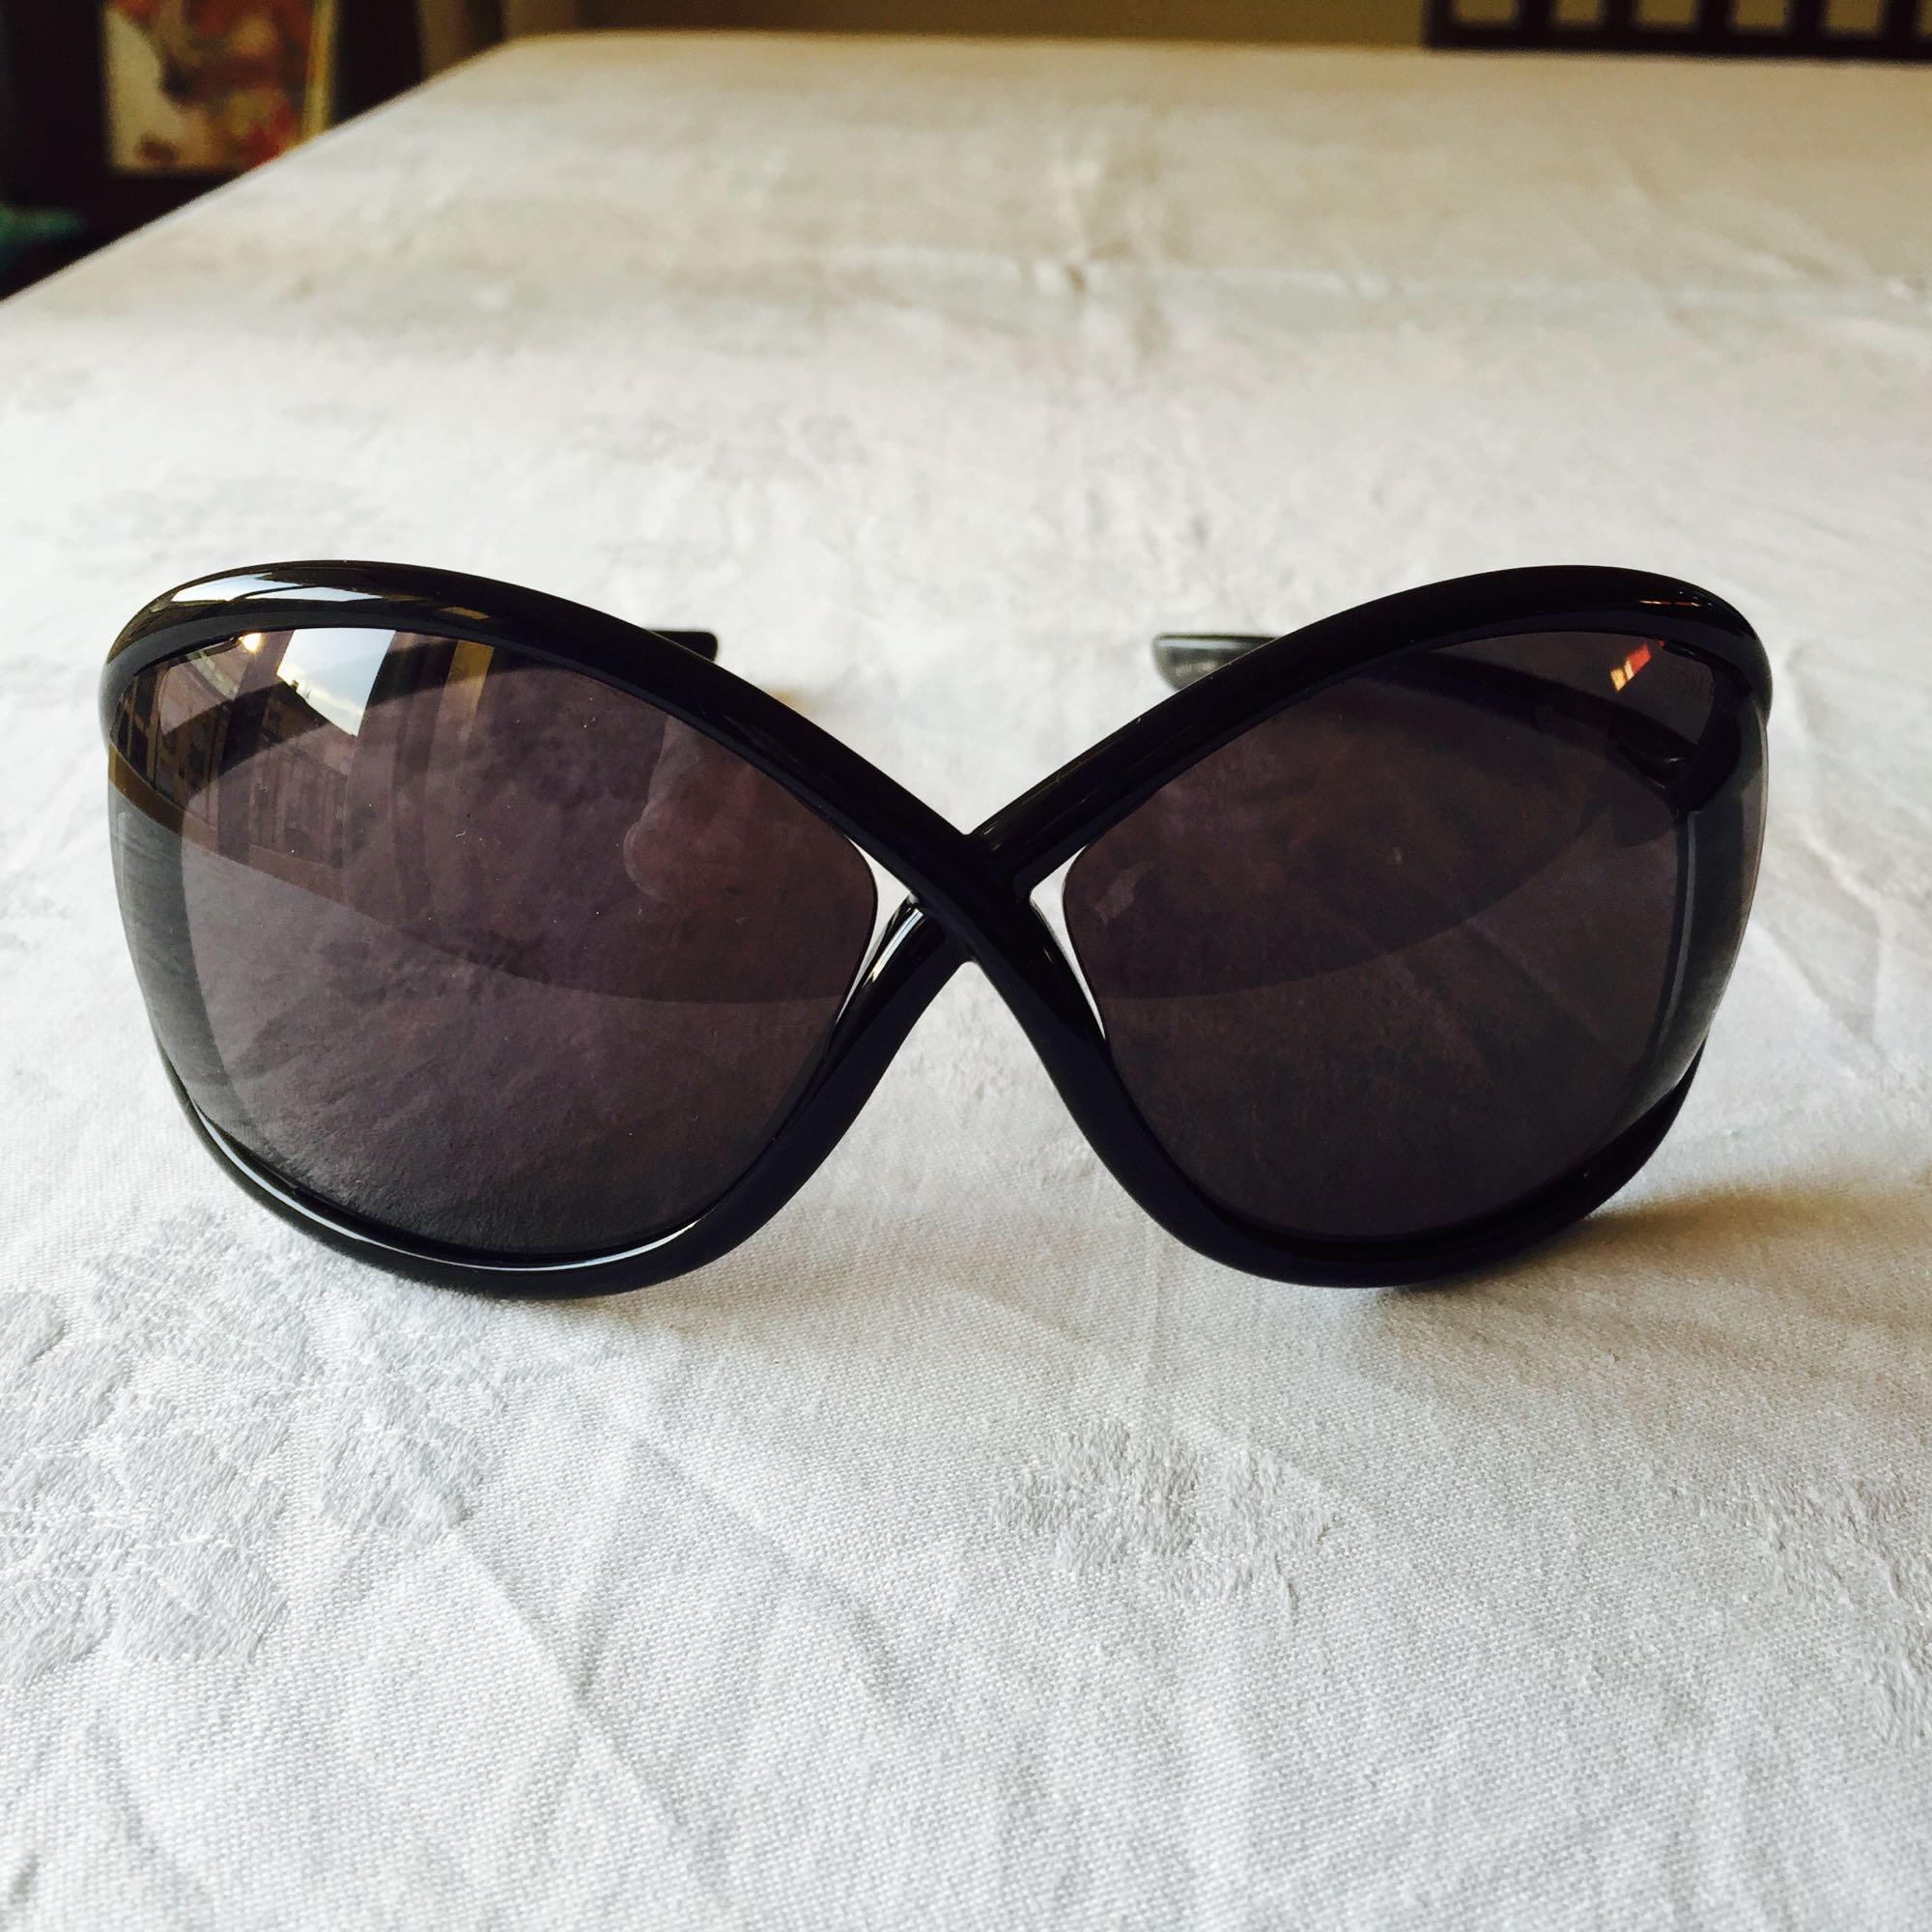 sonnenbrille tom ford schwarz vendu par chic dressing de. Black Bedroom Furniture Sets. Home Design Ideas